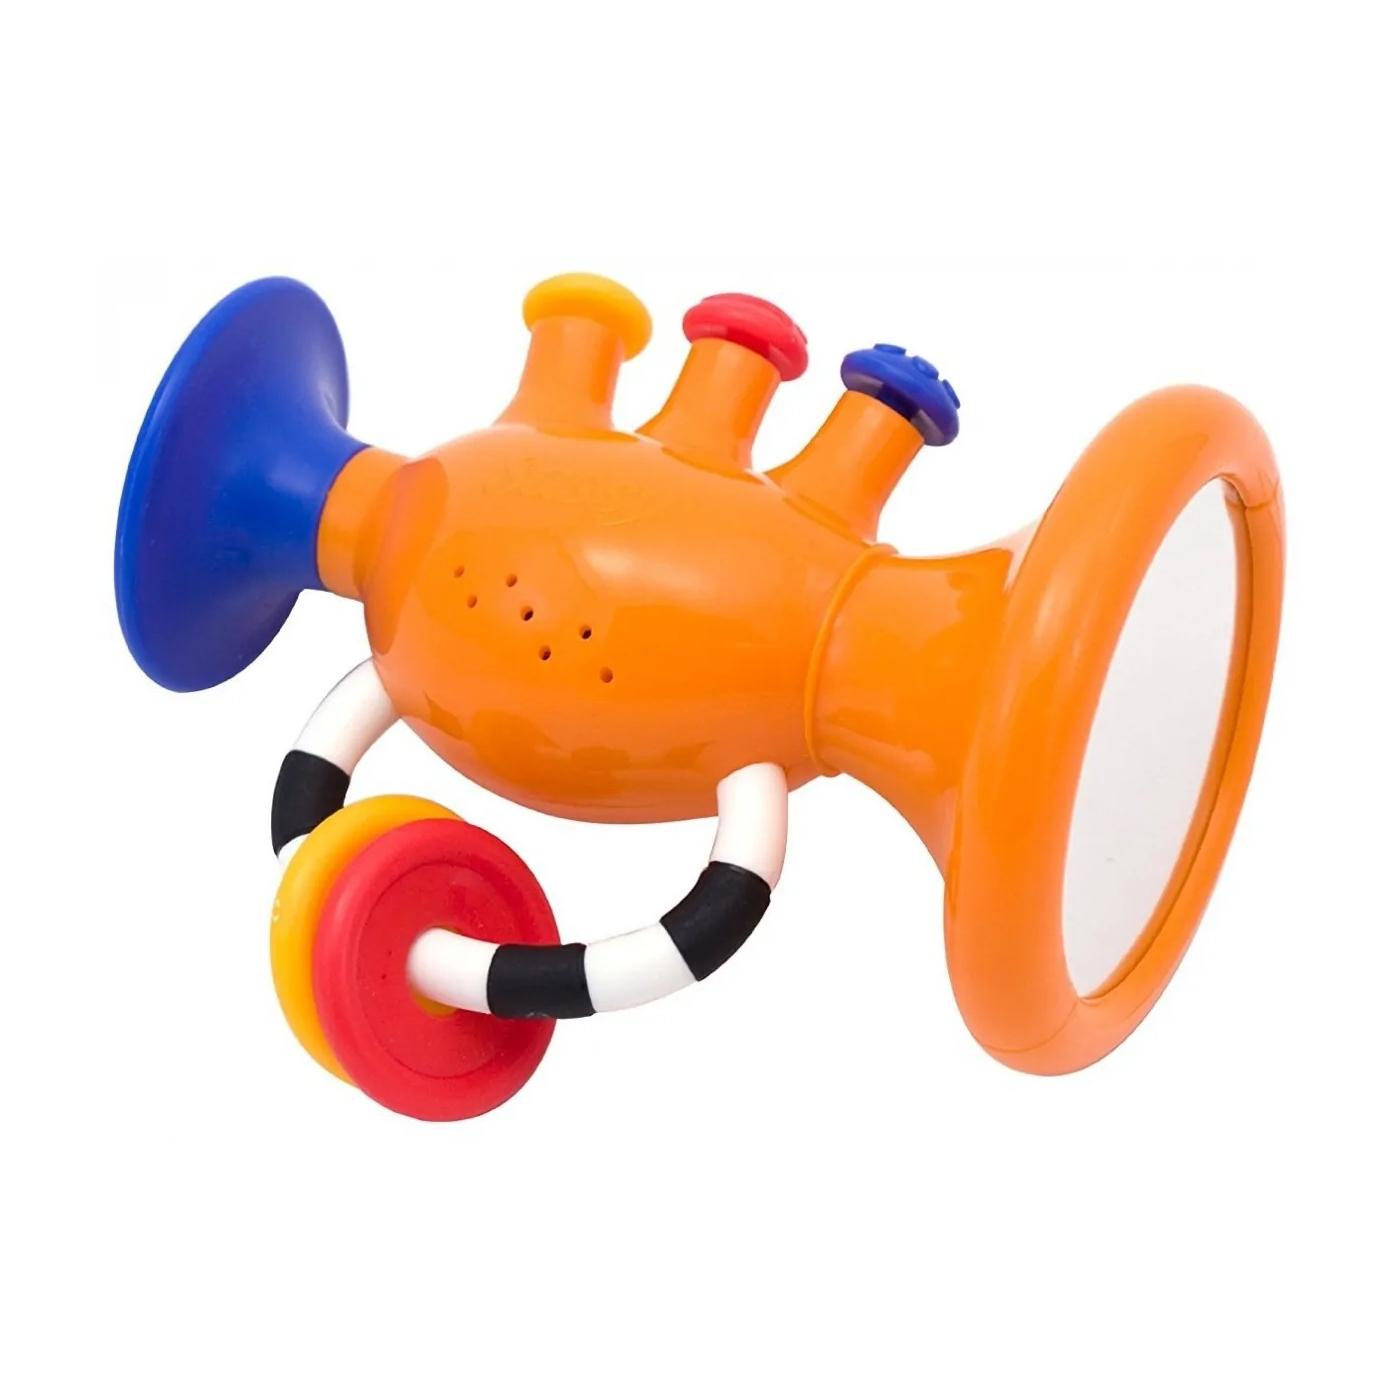 Фото - Музыкальная игрушка Sassy Труба с зеркальцем (80040EP) музыкальная игрушка sassy мой телефон 20 см